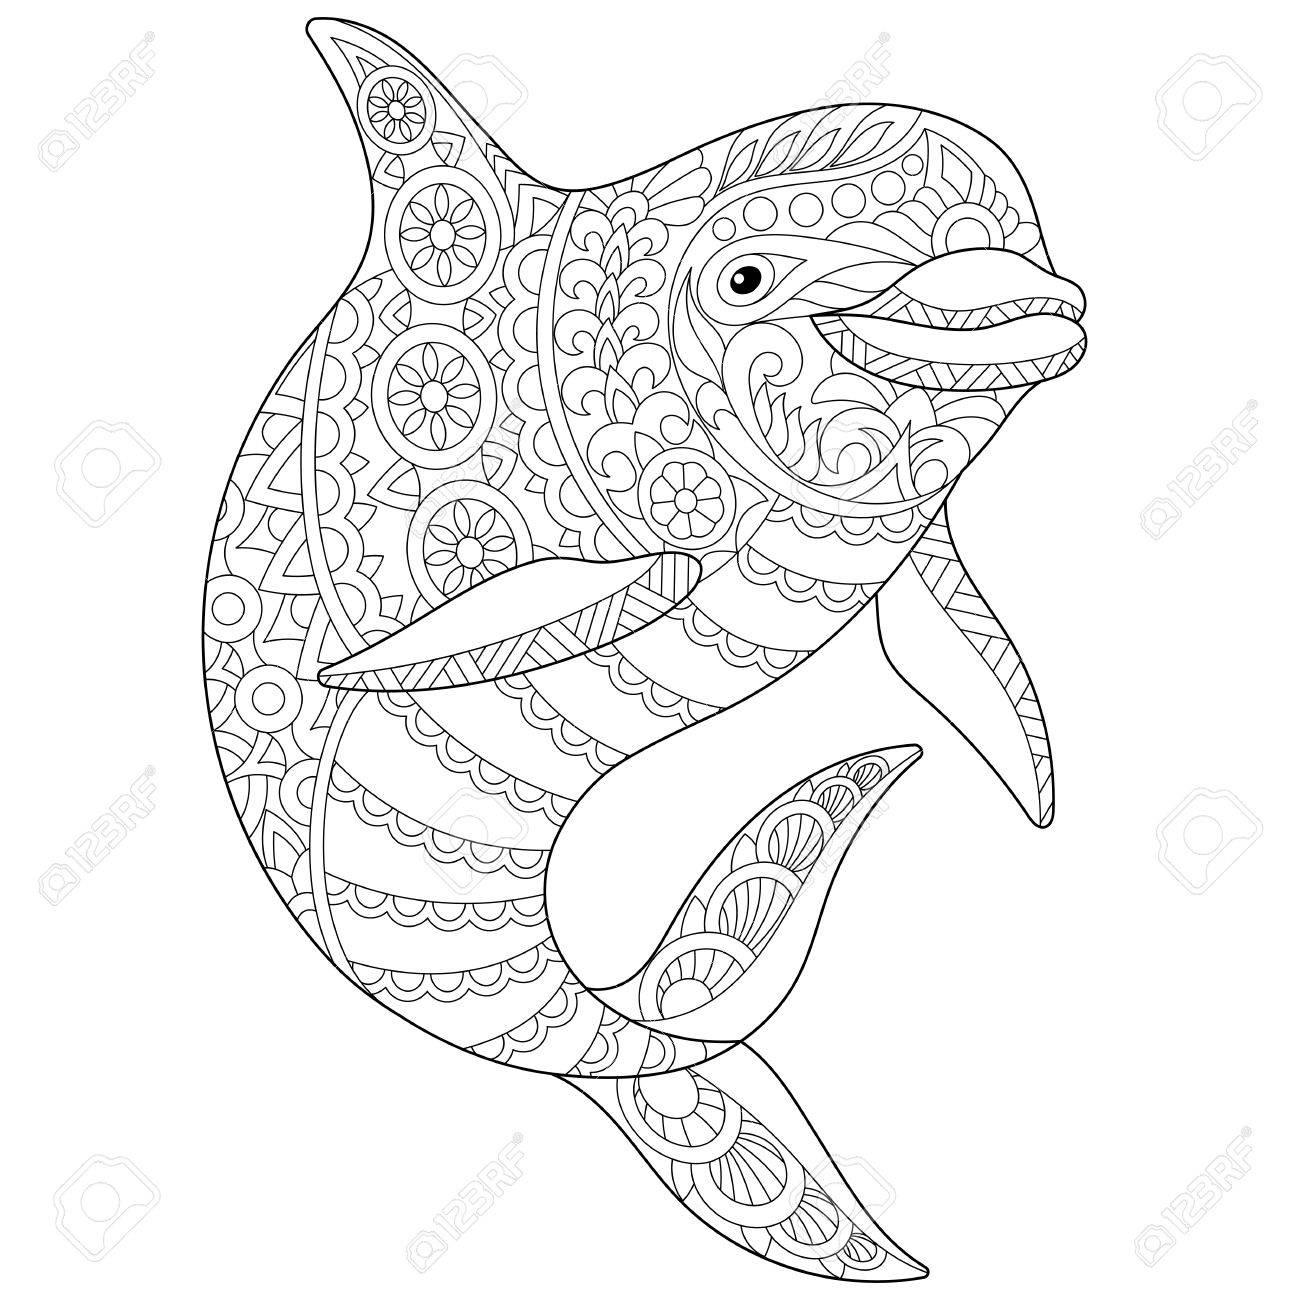 Animal Estilizado Del Delfín Del Océano. Boceto A Mano Alzada Para ...